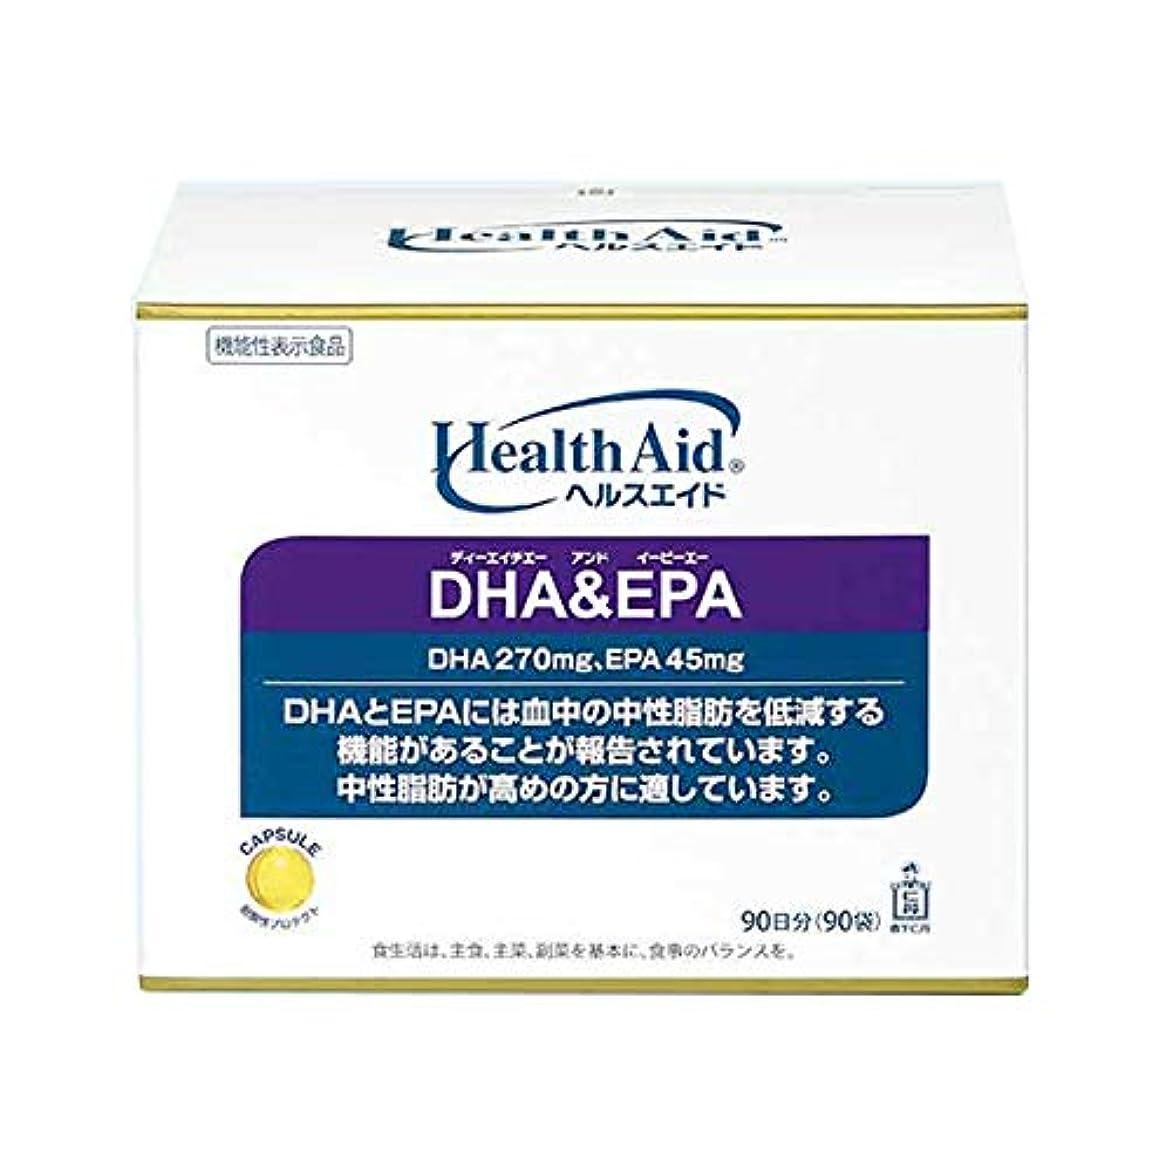 綺麗な柔らかさ省森下仁丹 ヘルスエイド®DHA&EPA 90日分(90袋) [機能性表示食品]